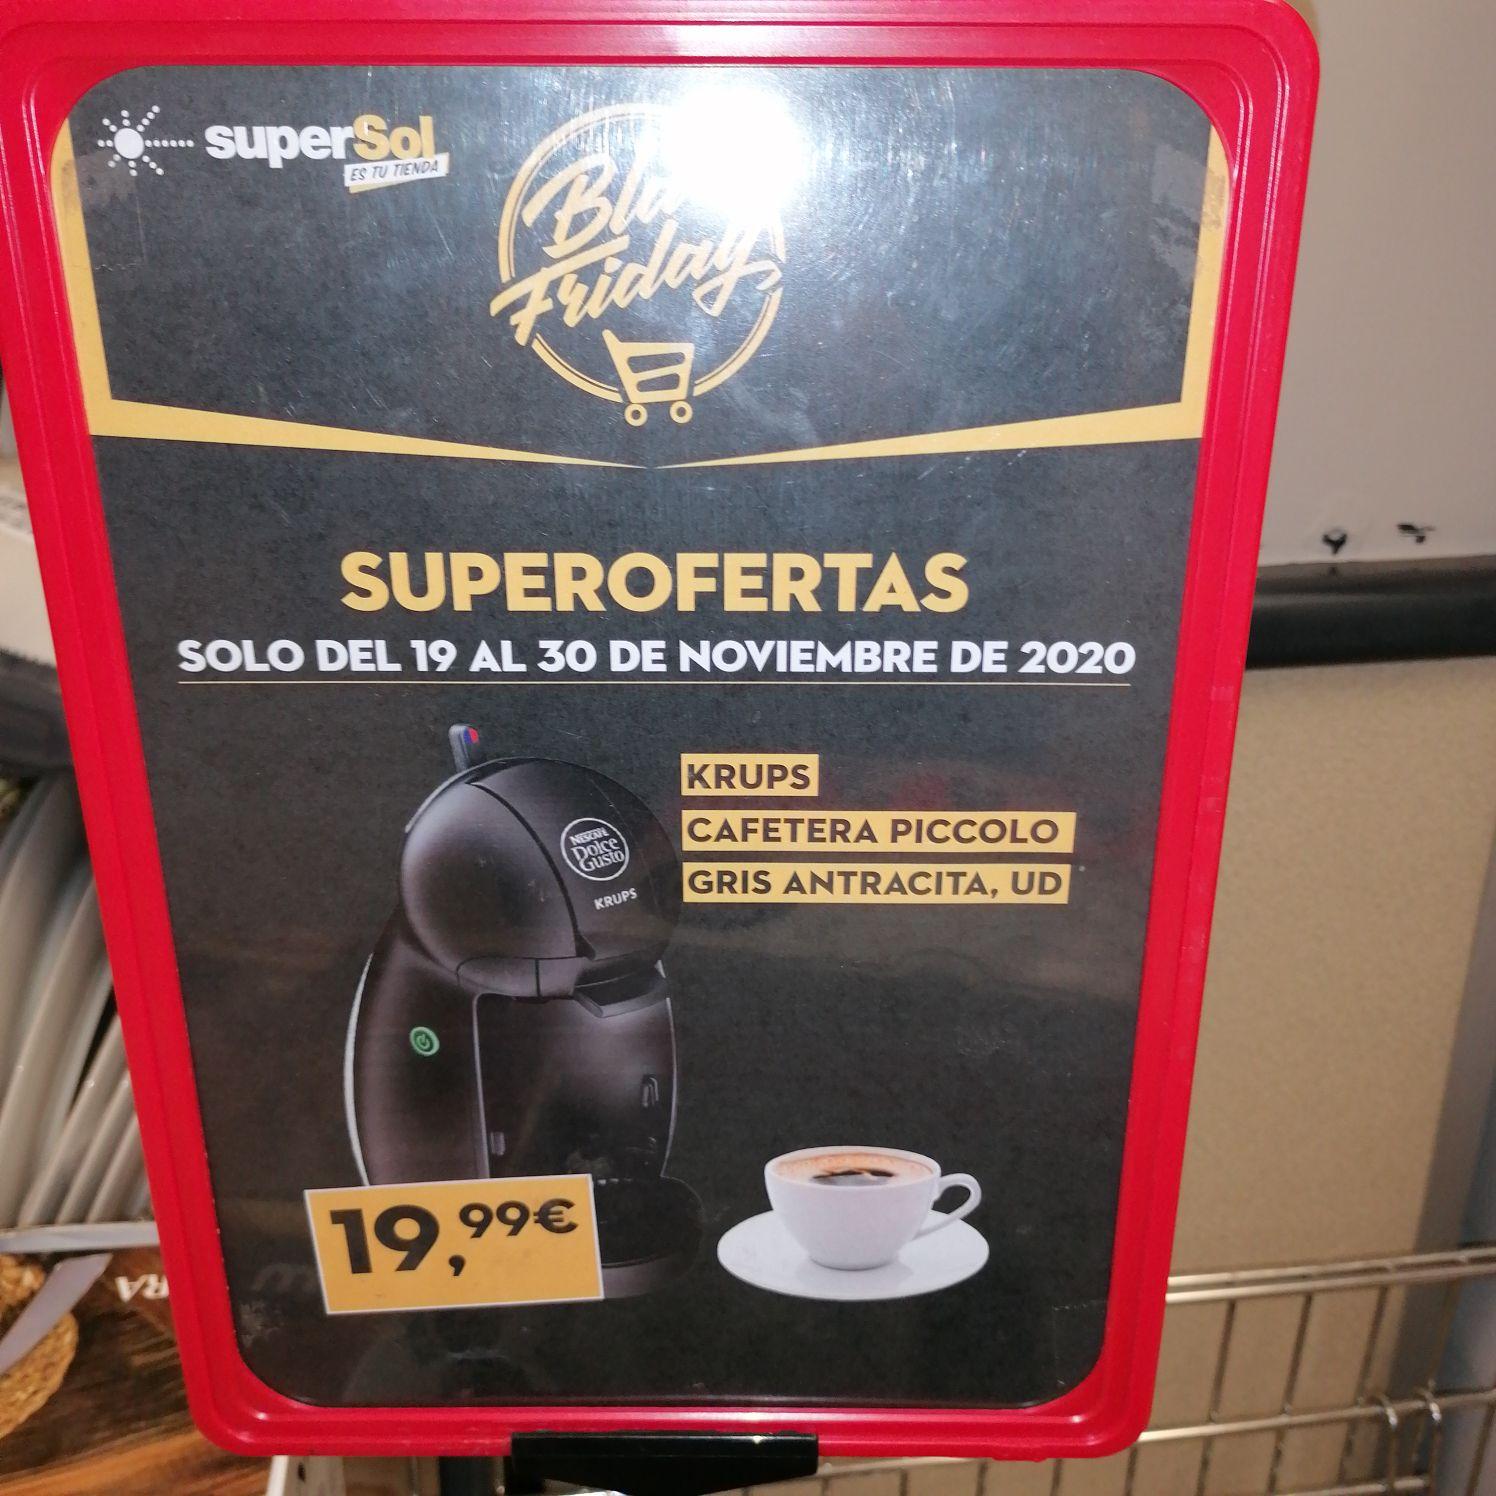 Cafetera Krups dolce gusto por 19,99€ en Supersol